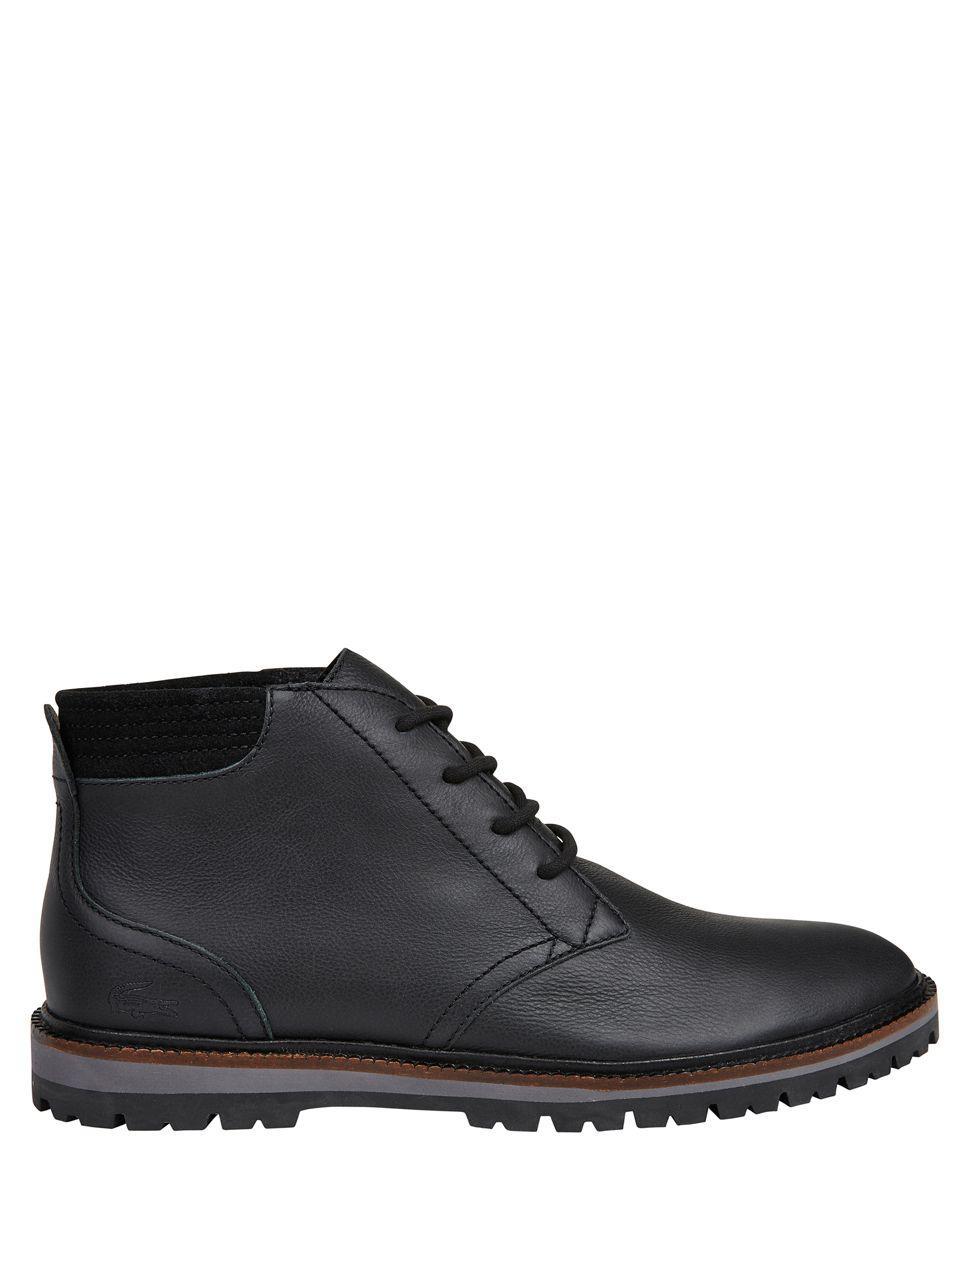 John Varvatos Men S Shoes Chukka